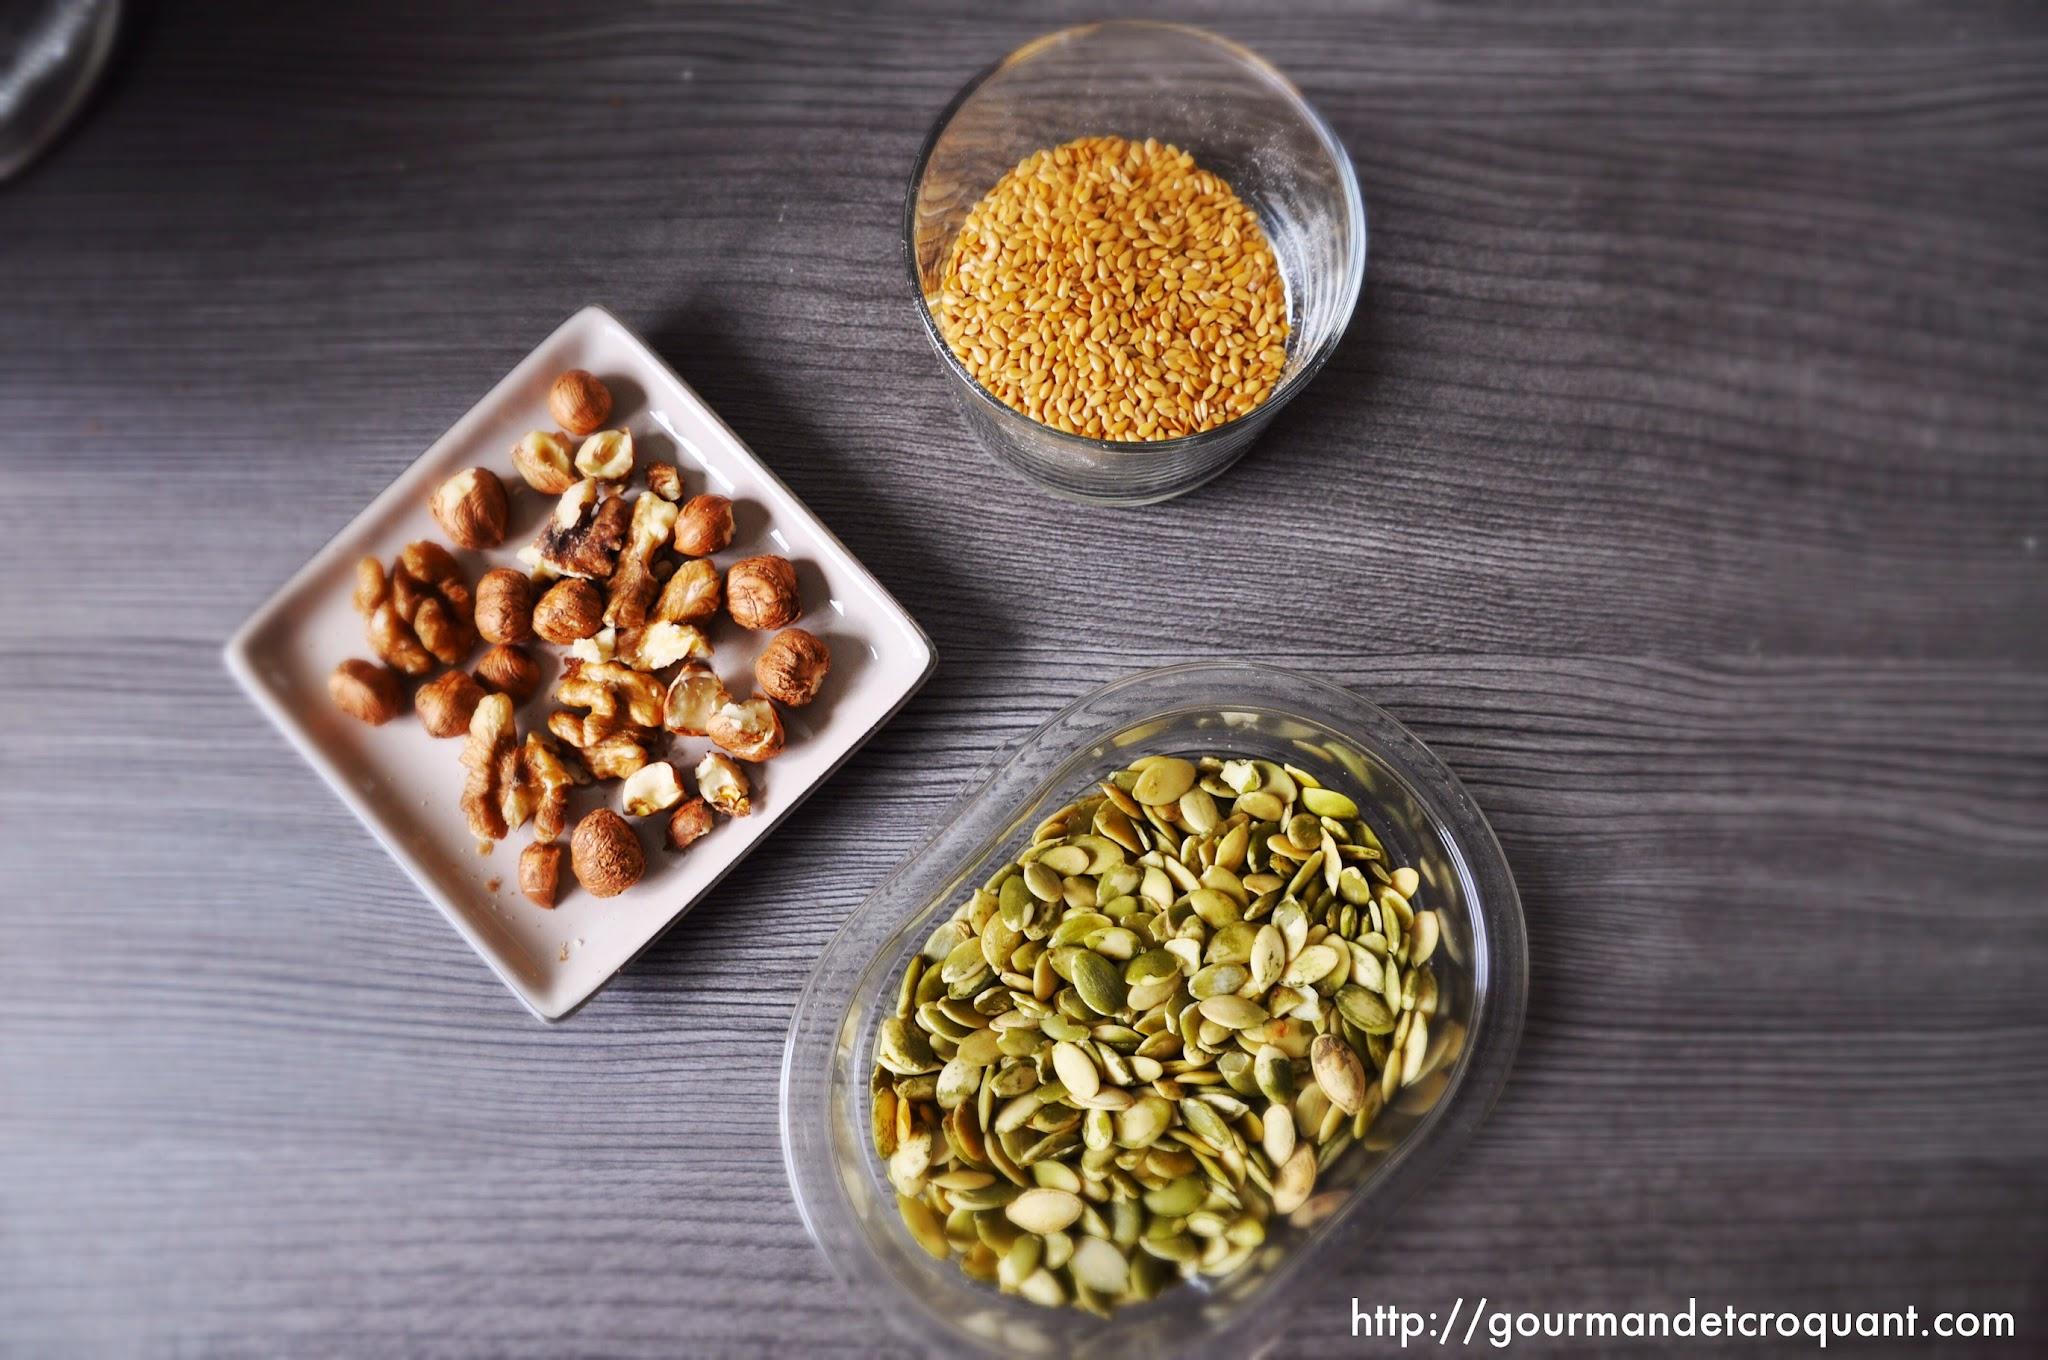 noix-noisettes-graines-lin-tournesol